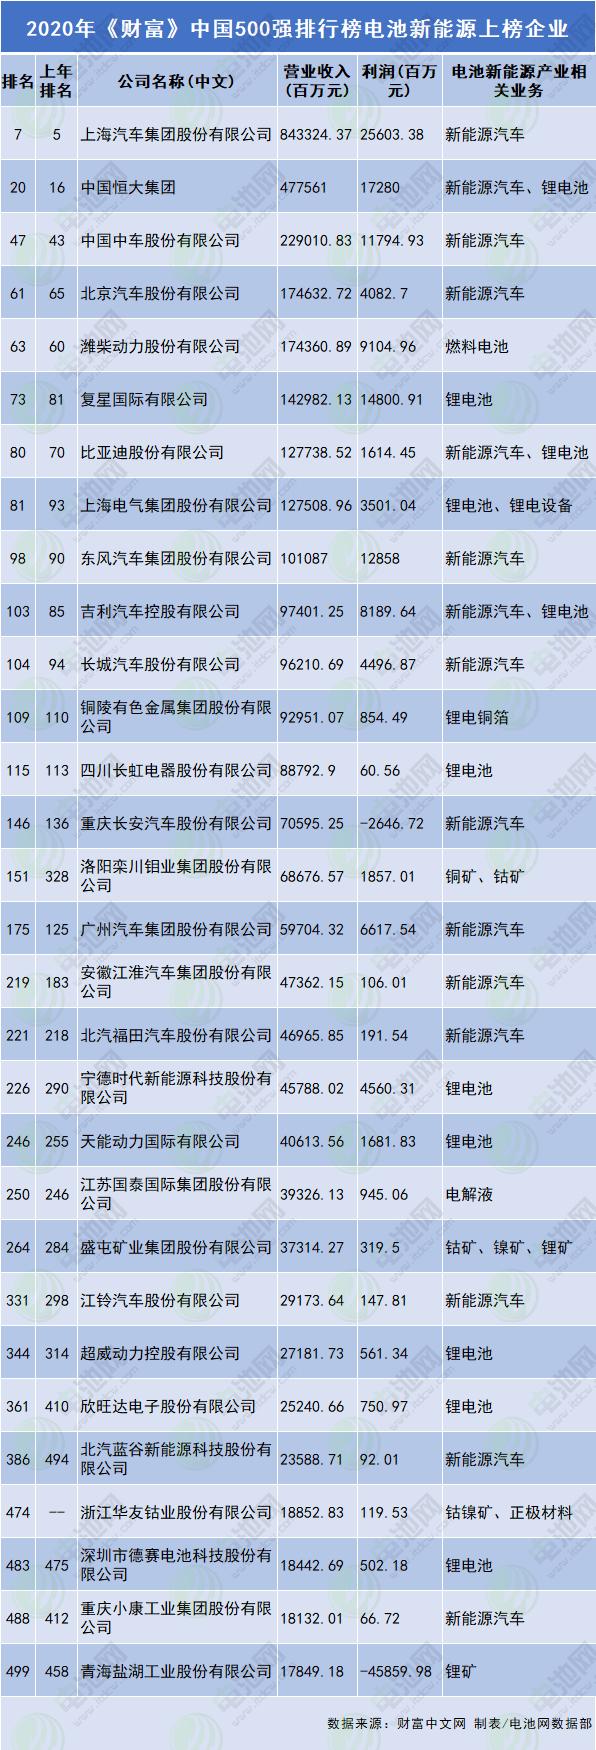 2020年《财富》中国500强排行榜电池新能源上榜企业